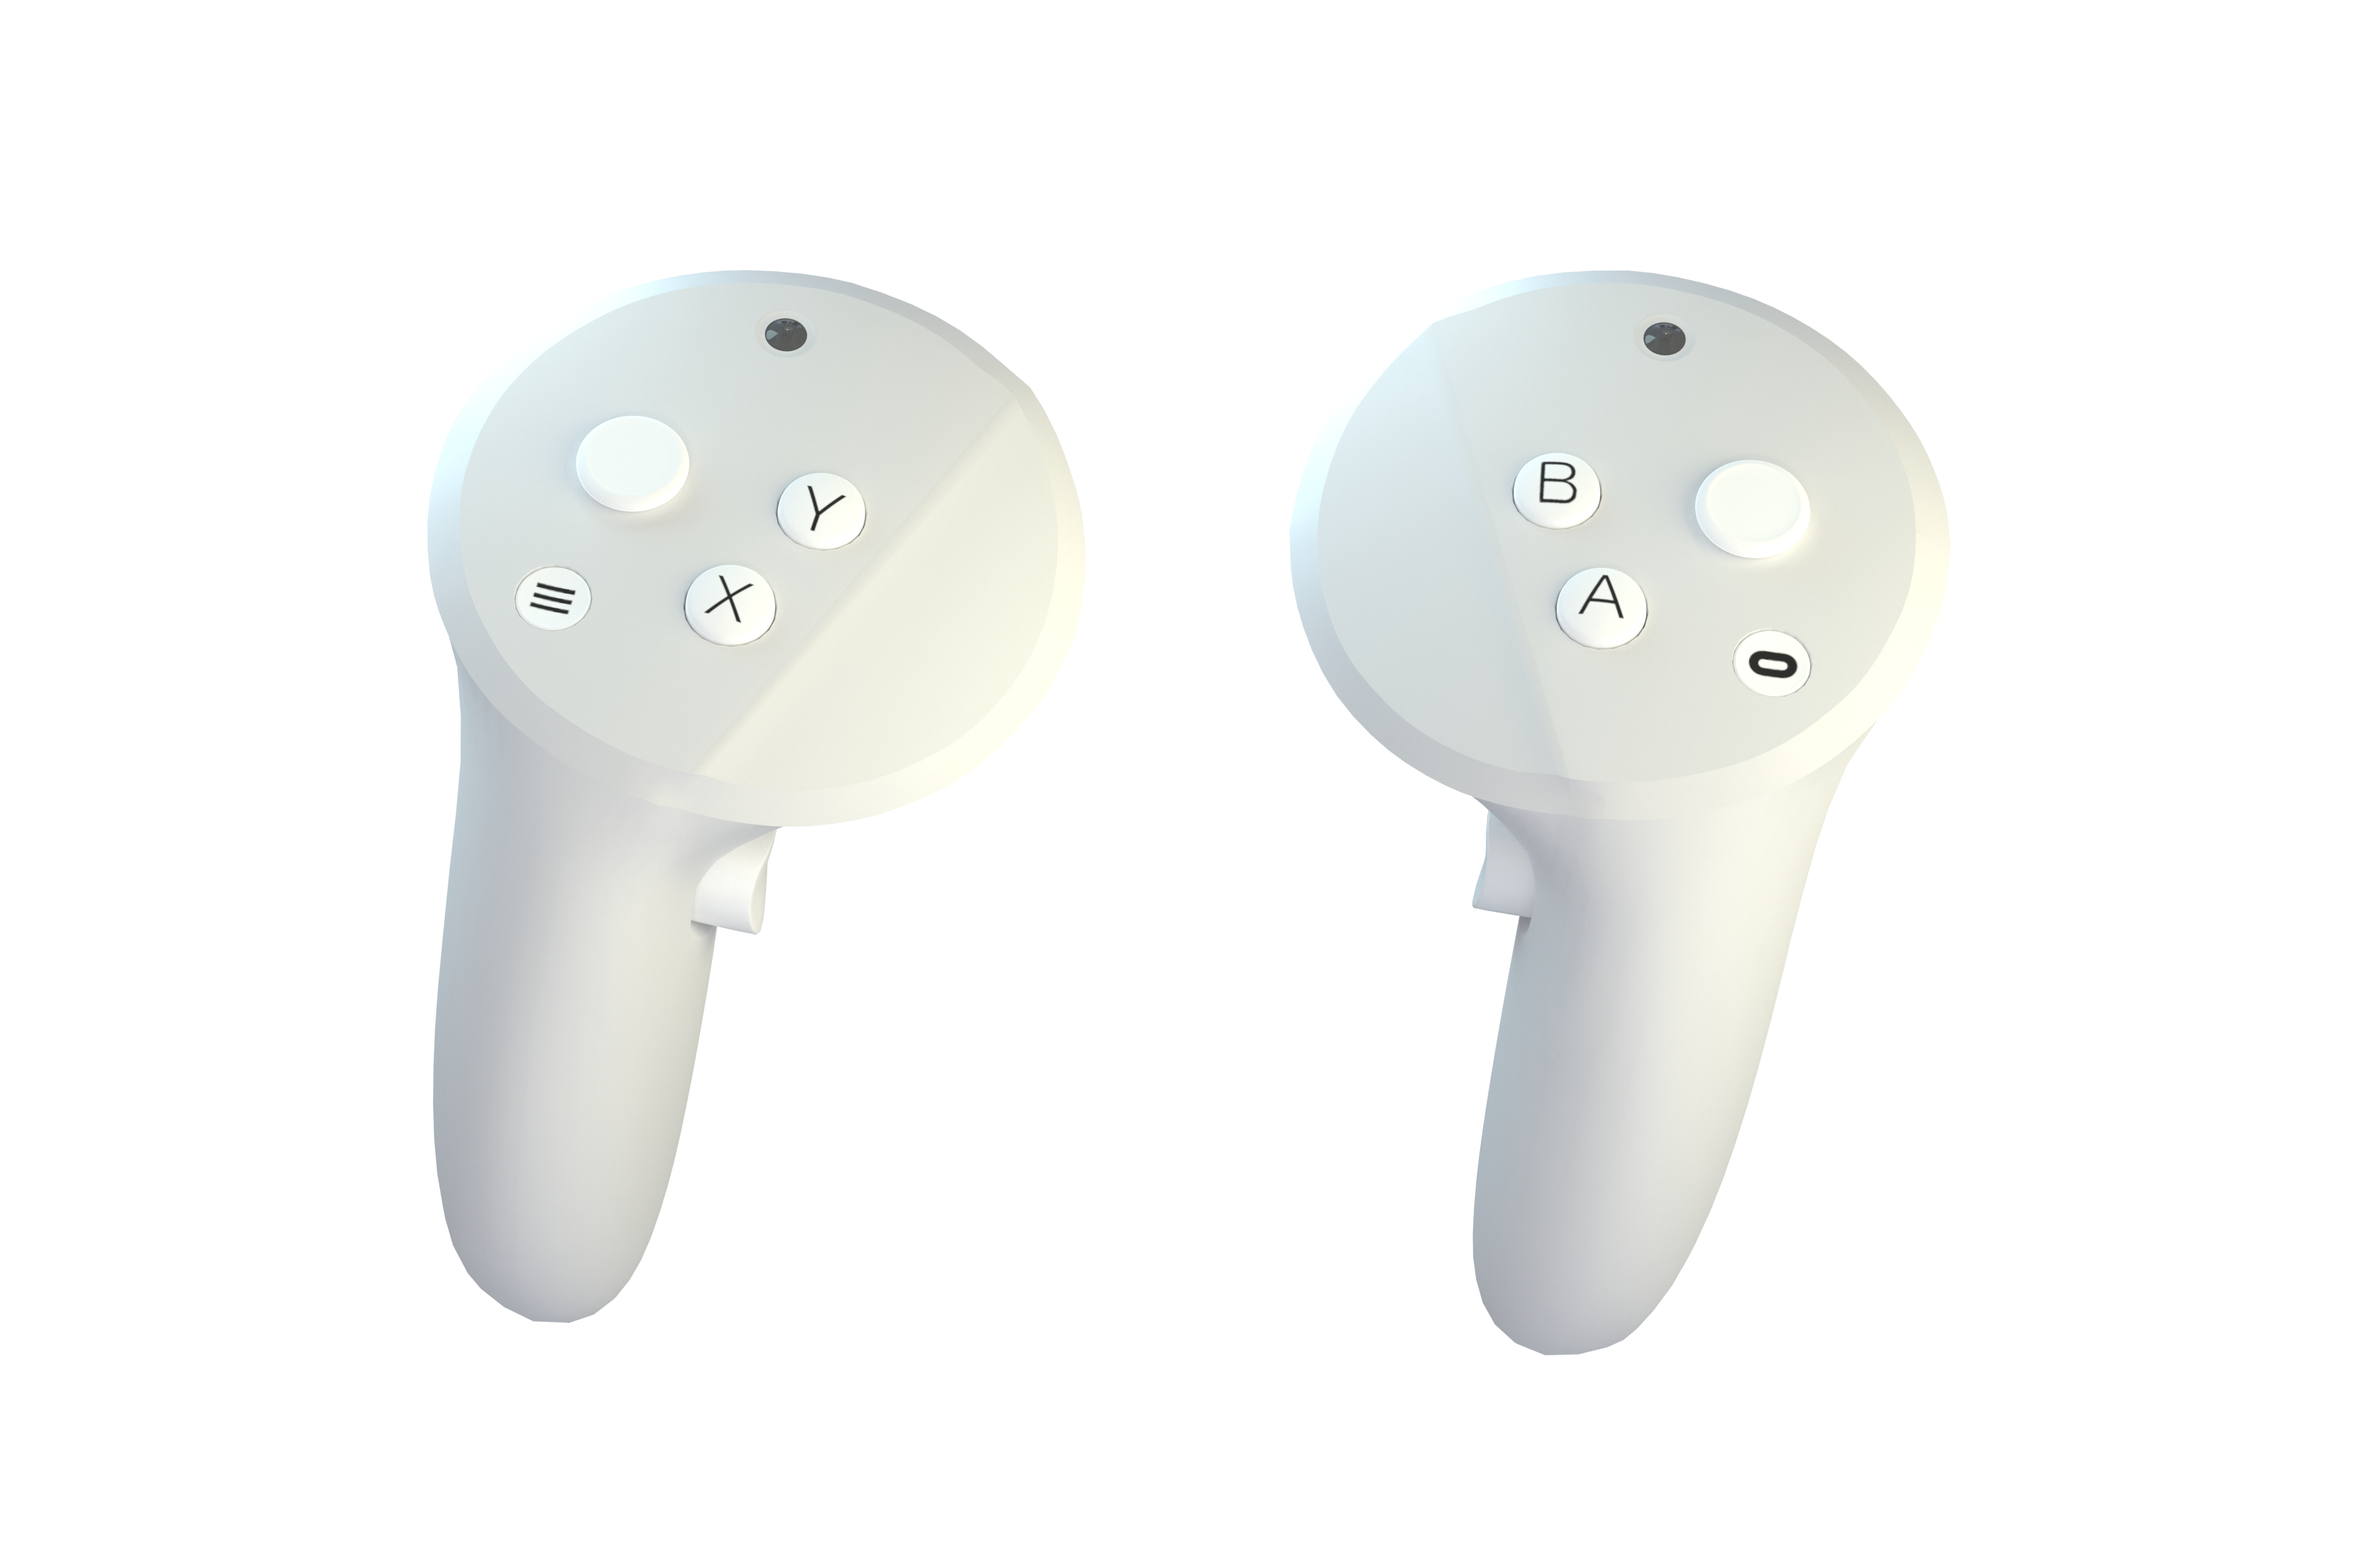 Quest 3/Pro Leaks! – Potenzielle Bilder und Spezifikationen eines Quest 2-Nachfolgers aufgetaucht